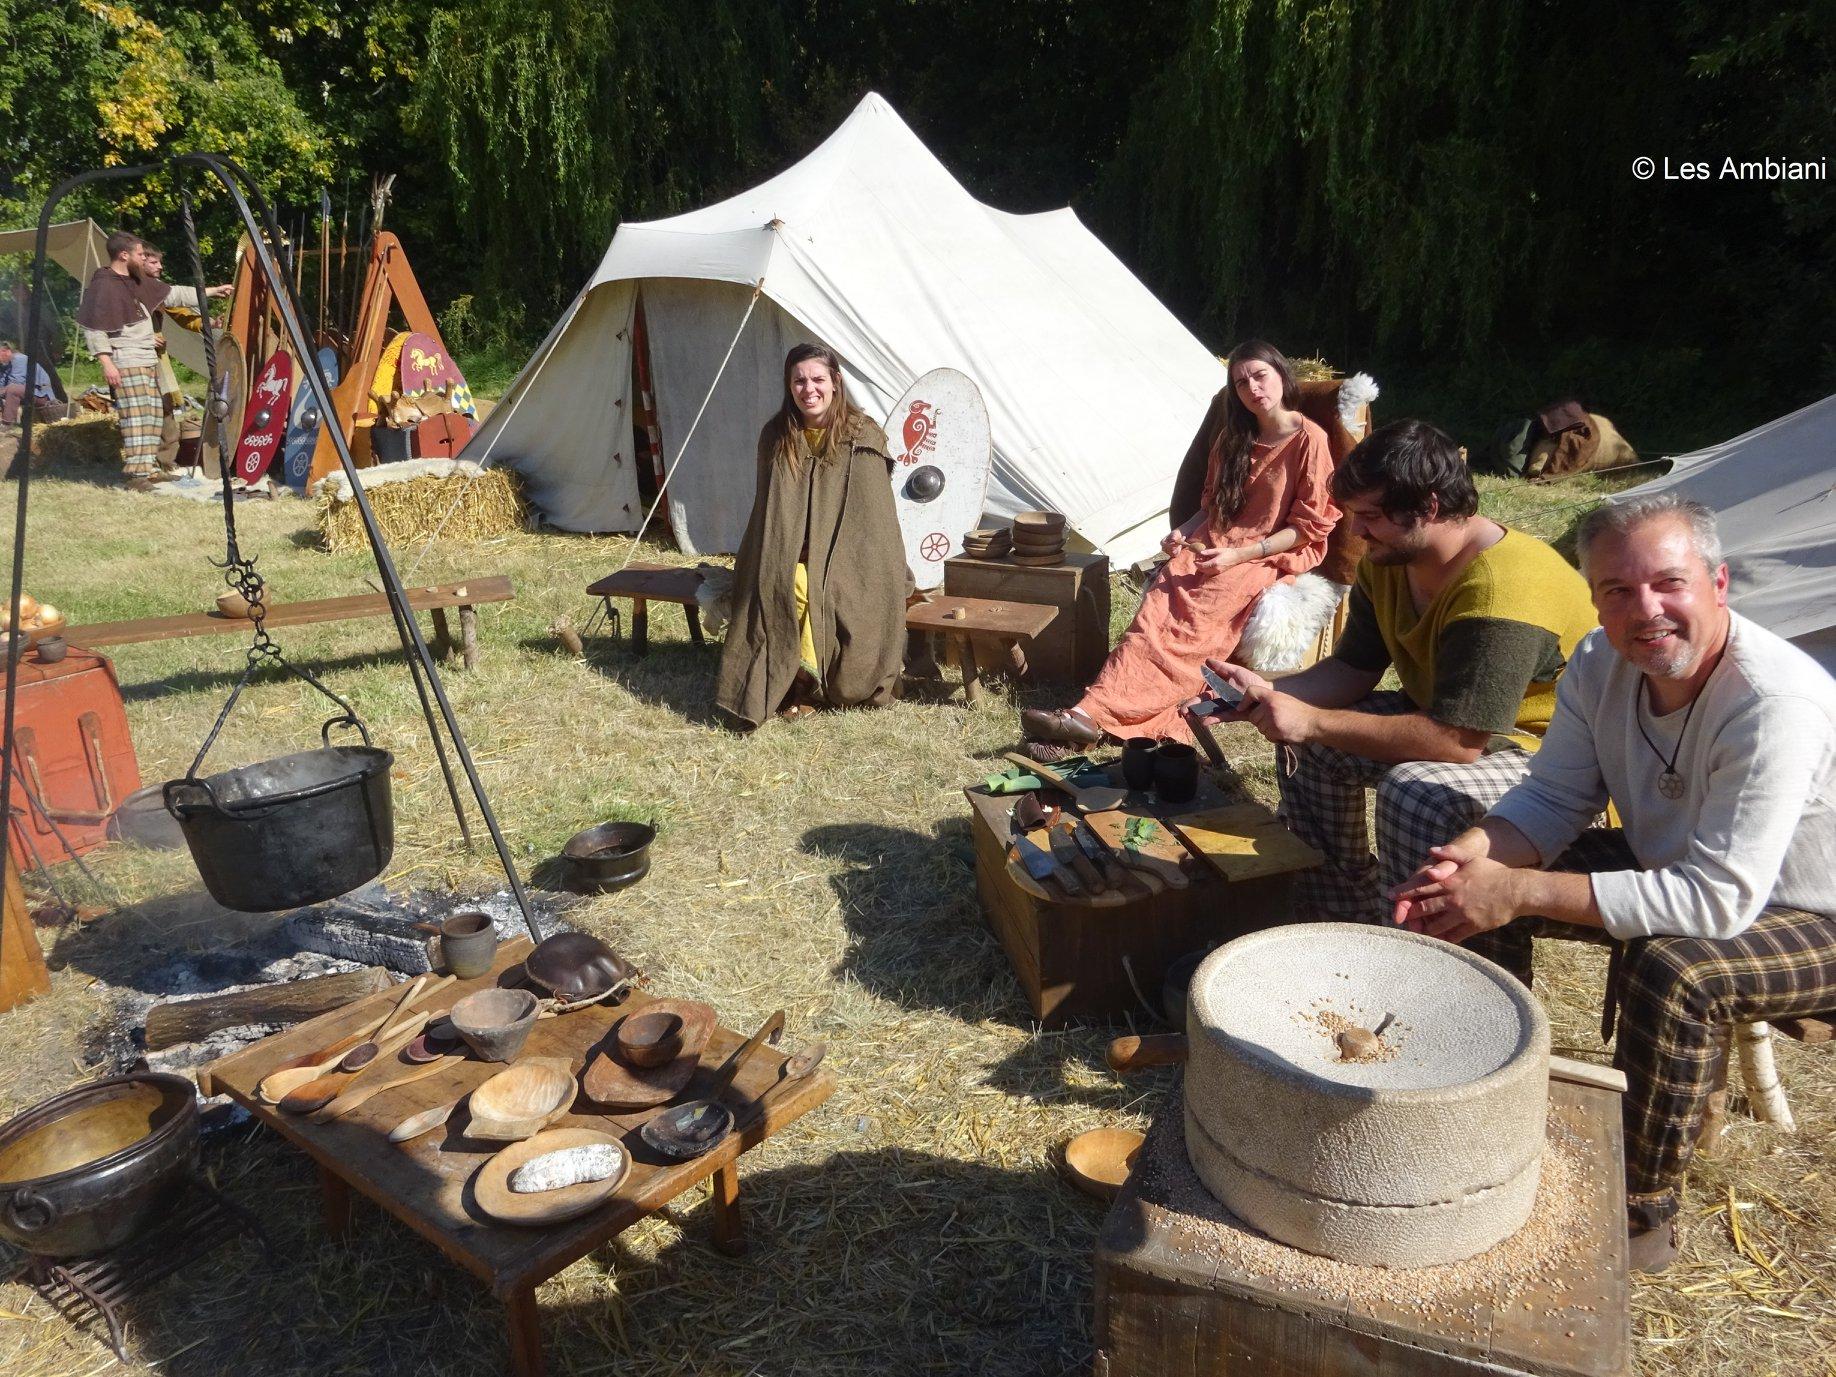 Camp multi-époque de Couderkerque-Branche, 2019